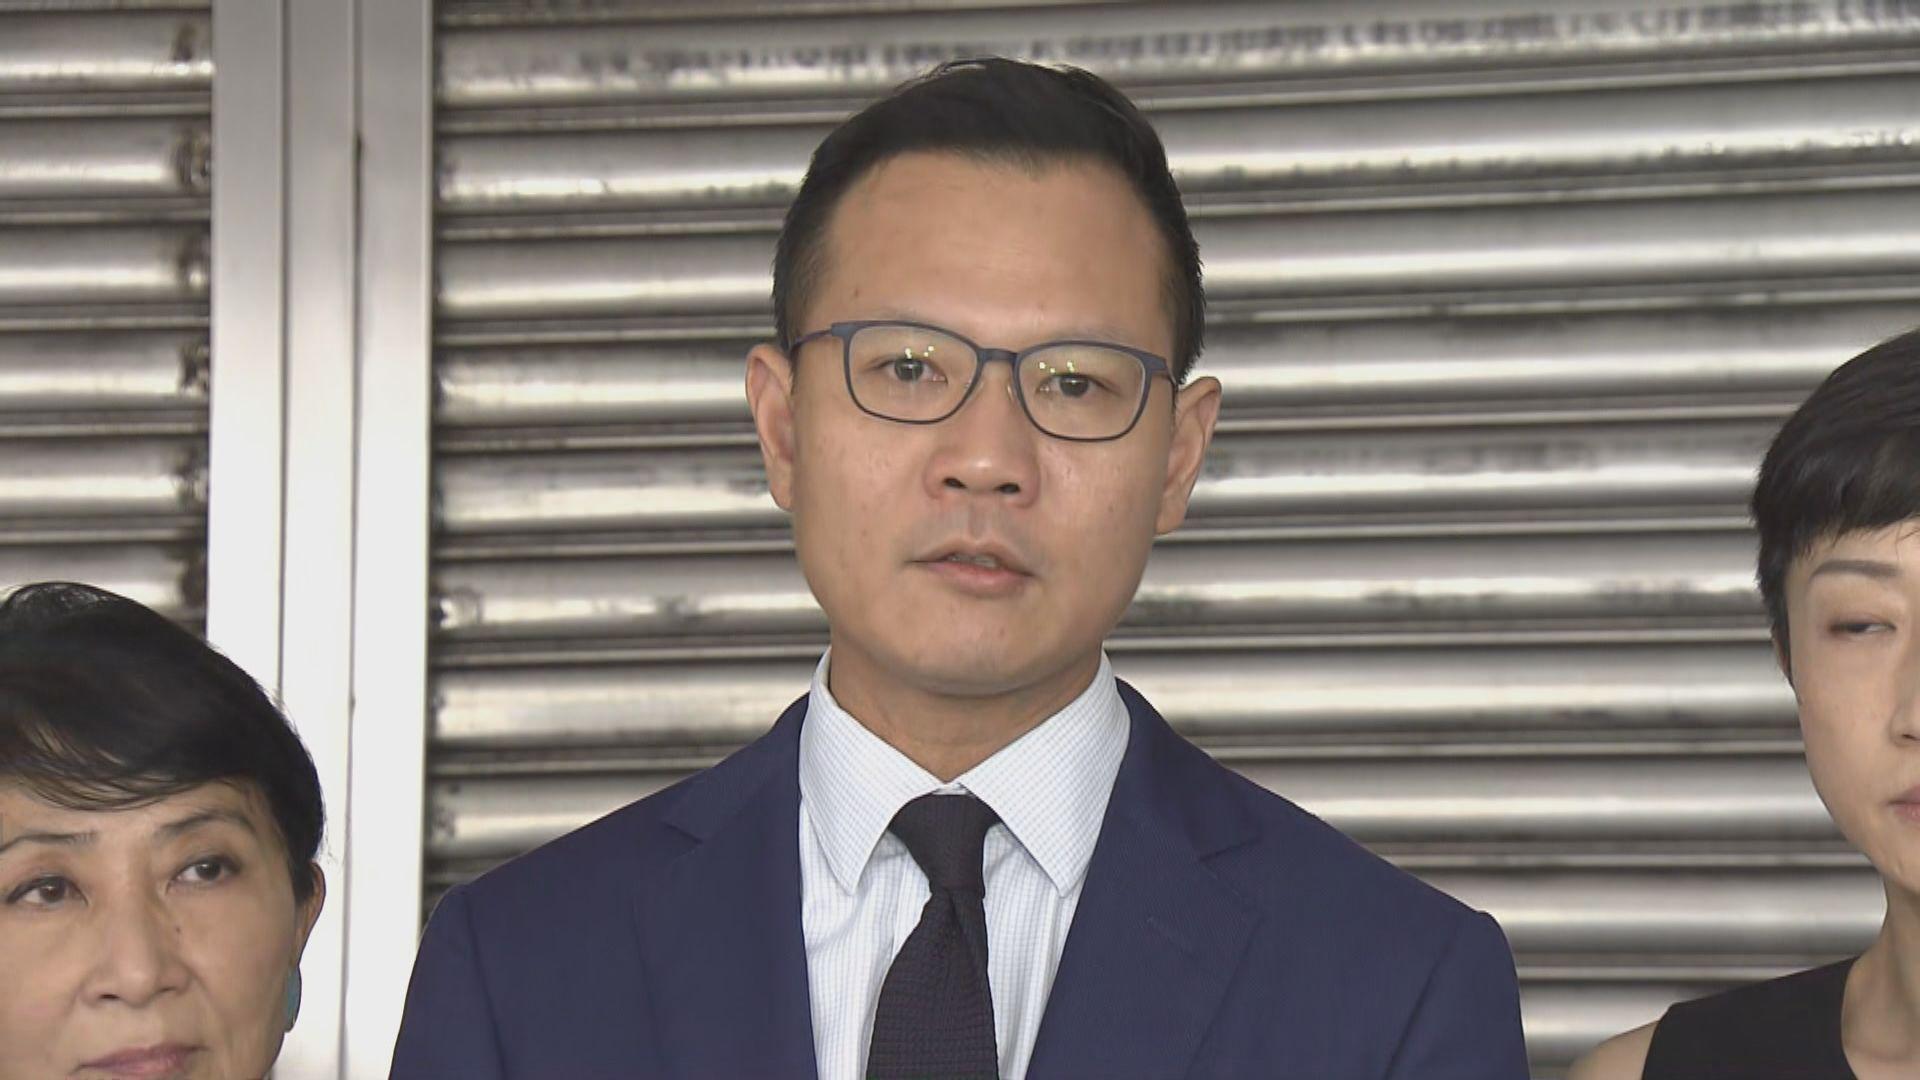 禁蒙面法司法覆核月底開庭 郭榮鏗:反映法官認同有憲制問題